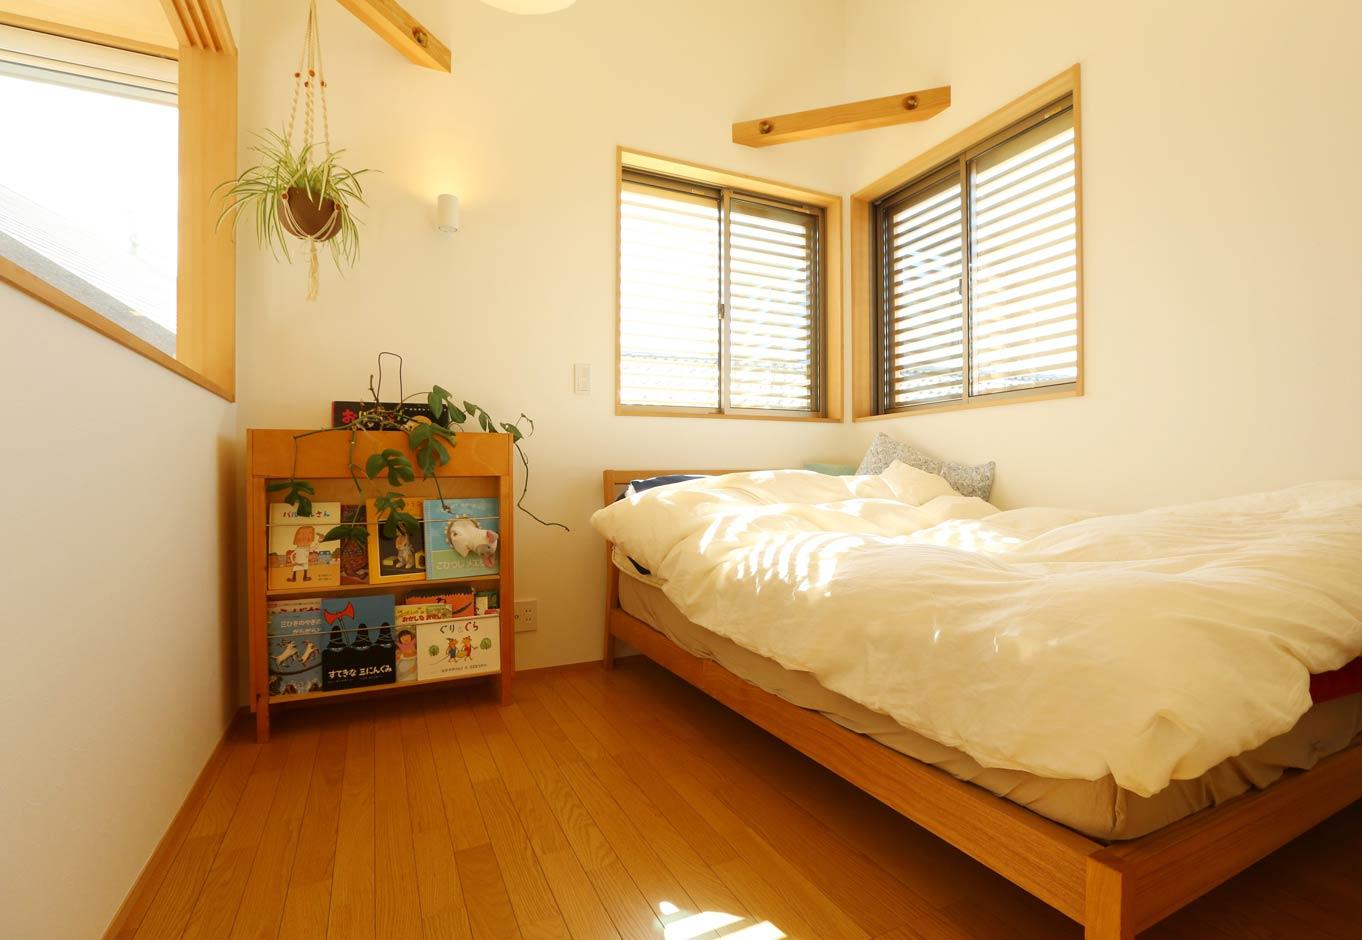 Asobi-創家(アソビスミカ)/ナカジツ【狭小住宅、間取り、建築家】子ども部屋は、子どもたちの成長に応じて4.5畳×4.5畳の2部屋にセパレートできる。南側の部屋にはロフトも完備。床を合板フローリングにしたことでコストダウンにつながった